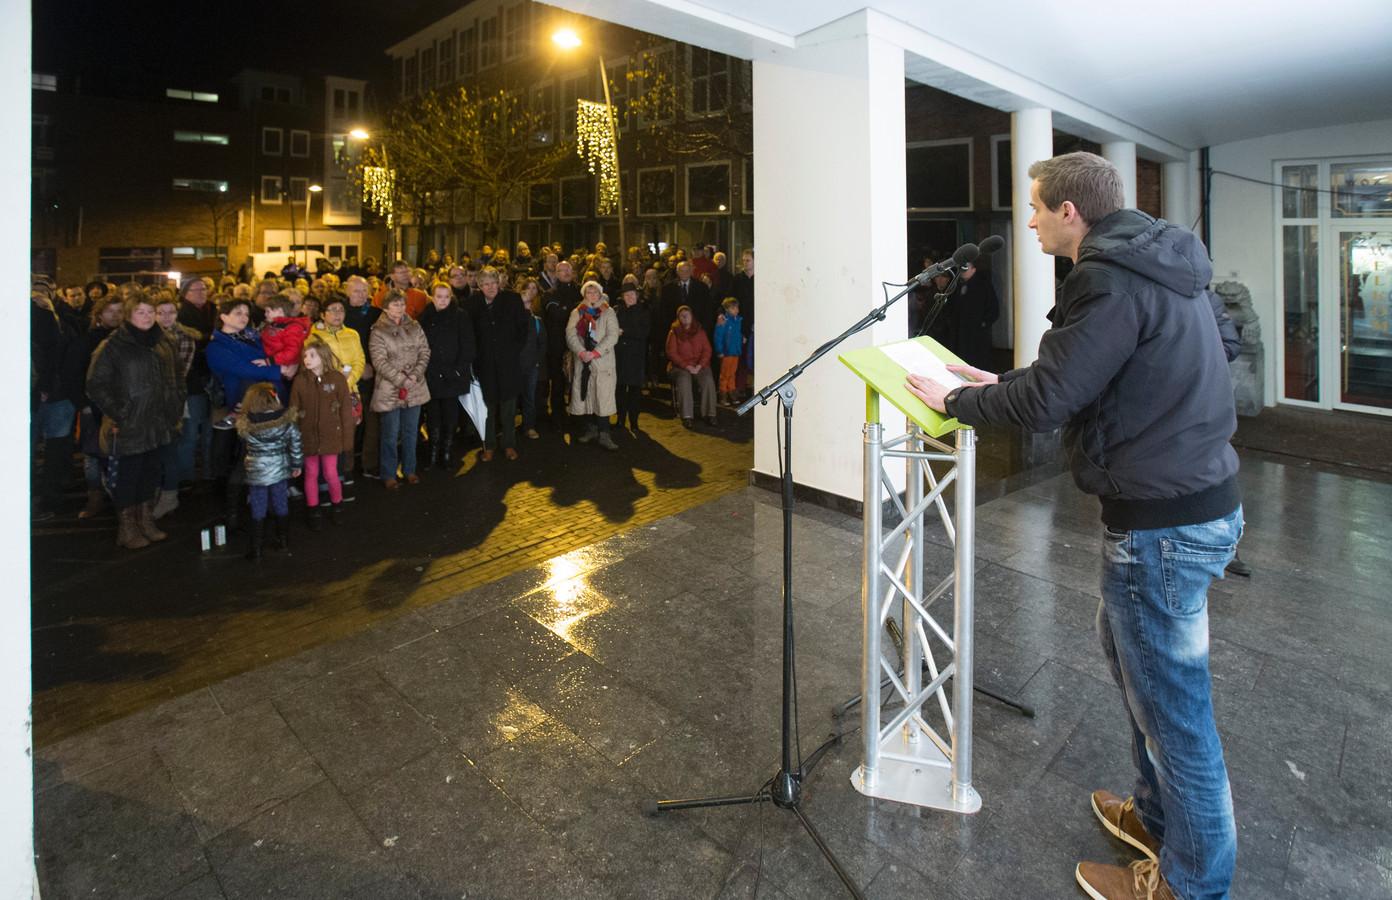 Verslaggever Albert Heller van De Gelderlander spreekt de menigte toe op het Doelenplein in Ede.